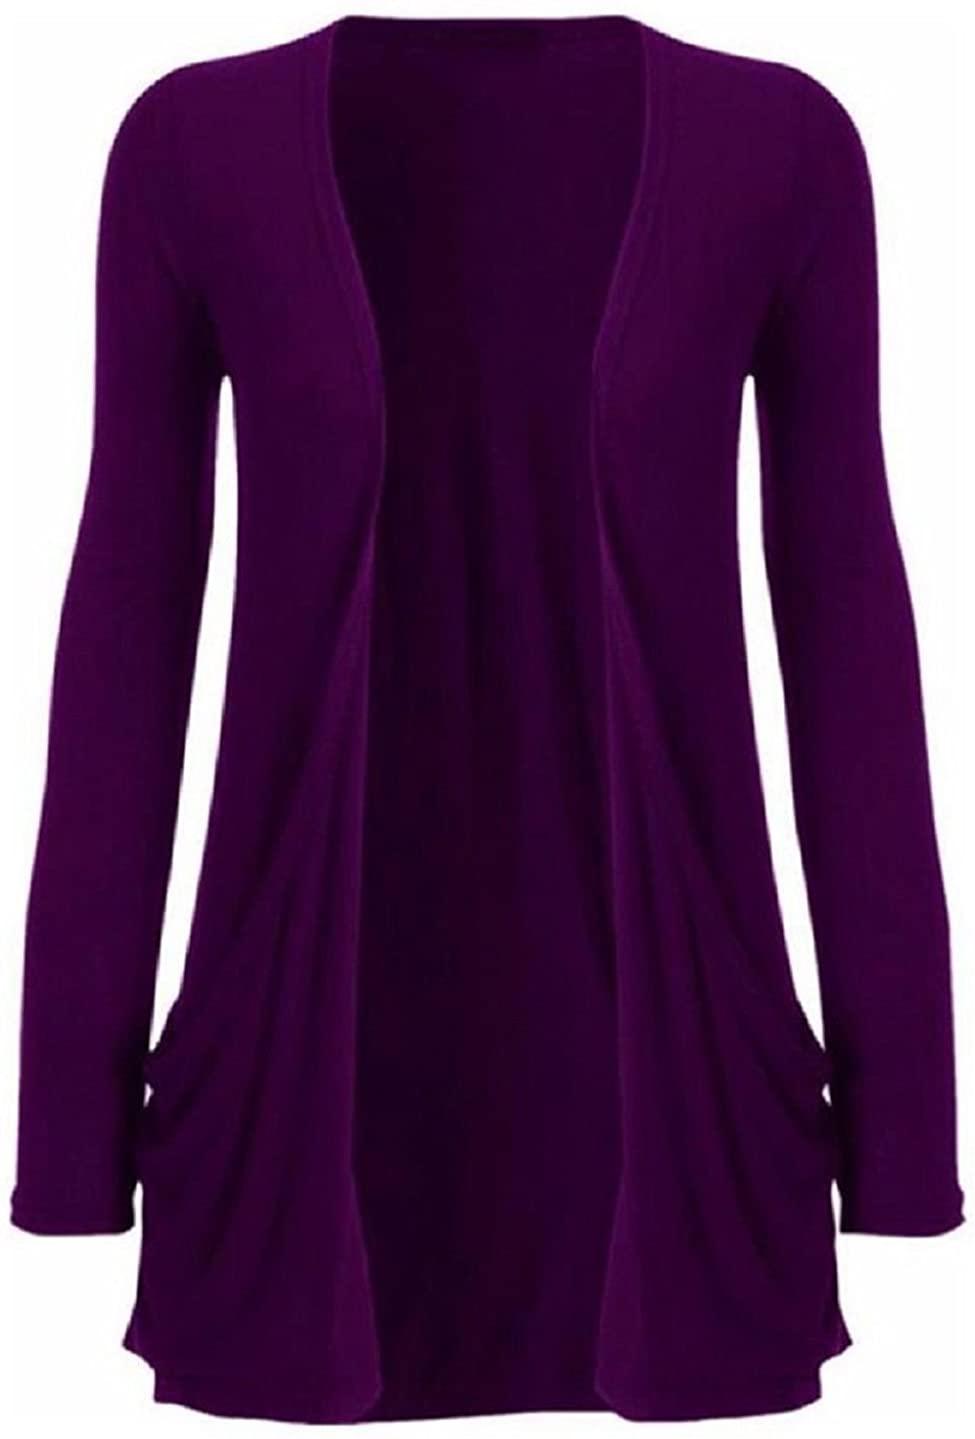 Hot Hanger Ladies Plus Size Pocket Long Sleeve Cardigan 16-26 : Color - Purple : Size - 16-18 LXL